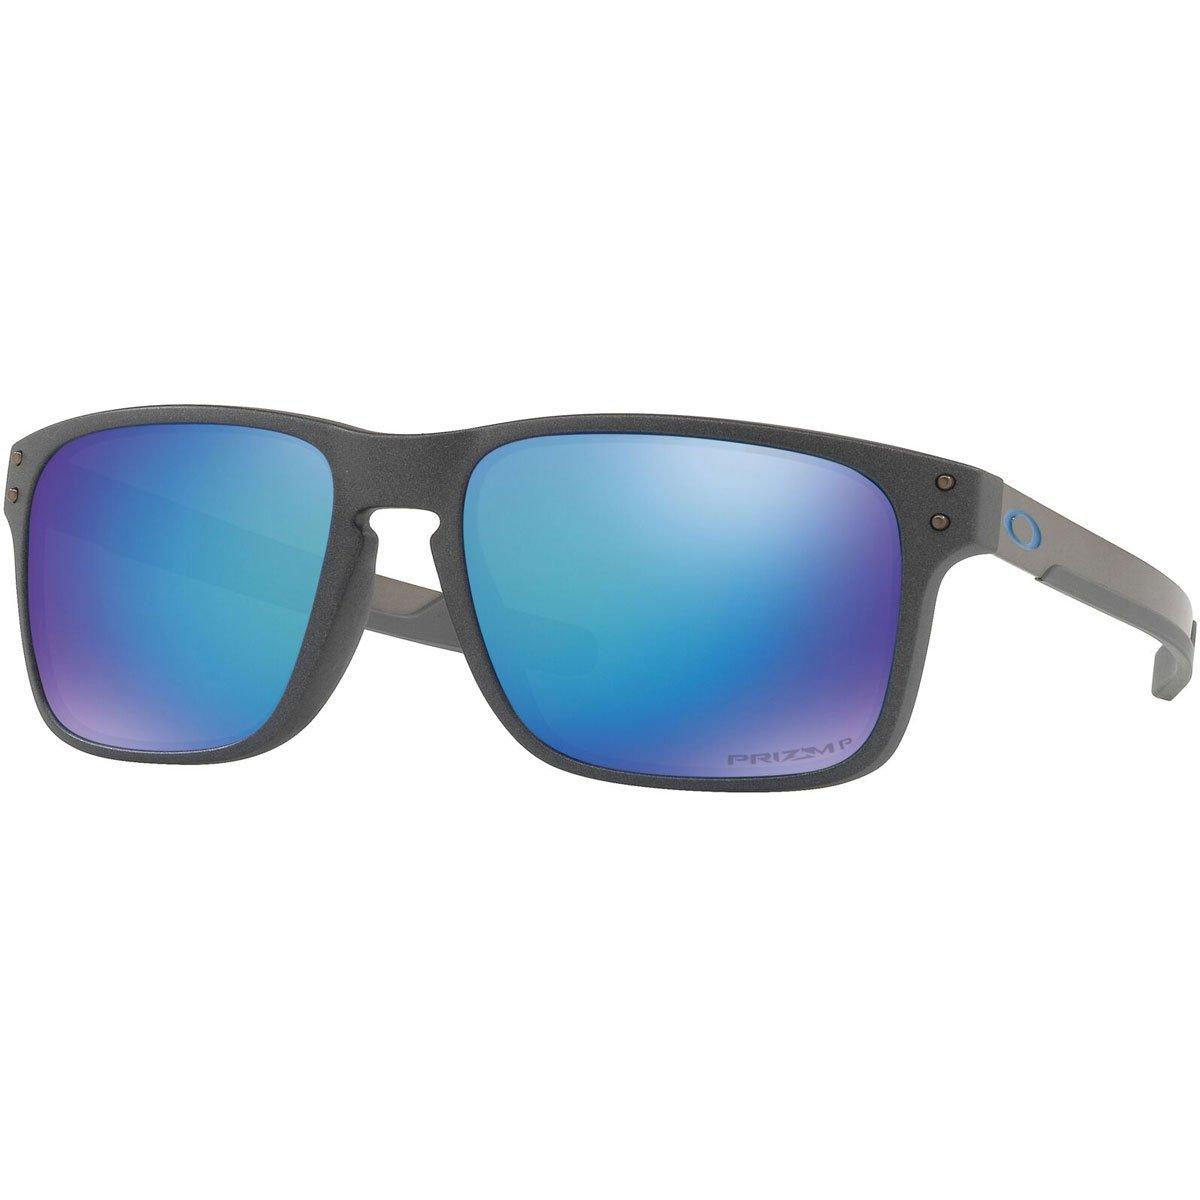 Oakley - Hombres Oo9384 57 Holbrook Mix anteojos de sol 57mm Hombres